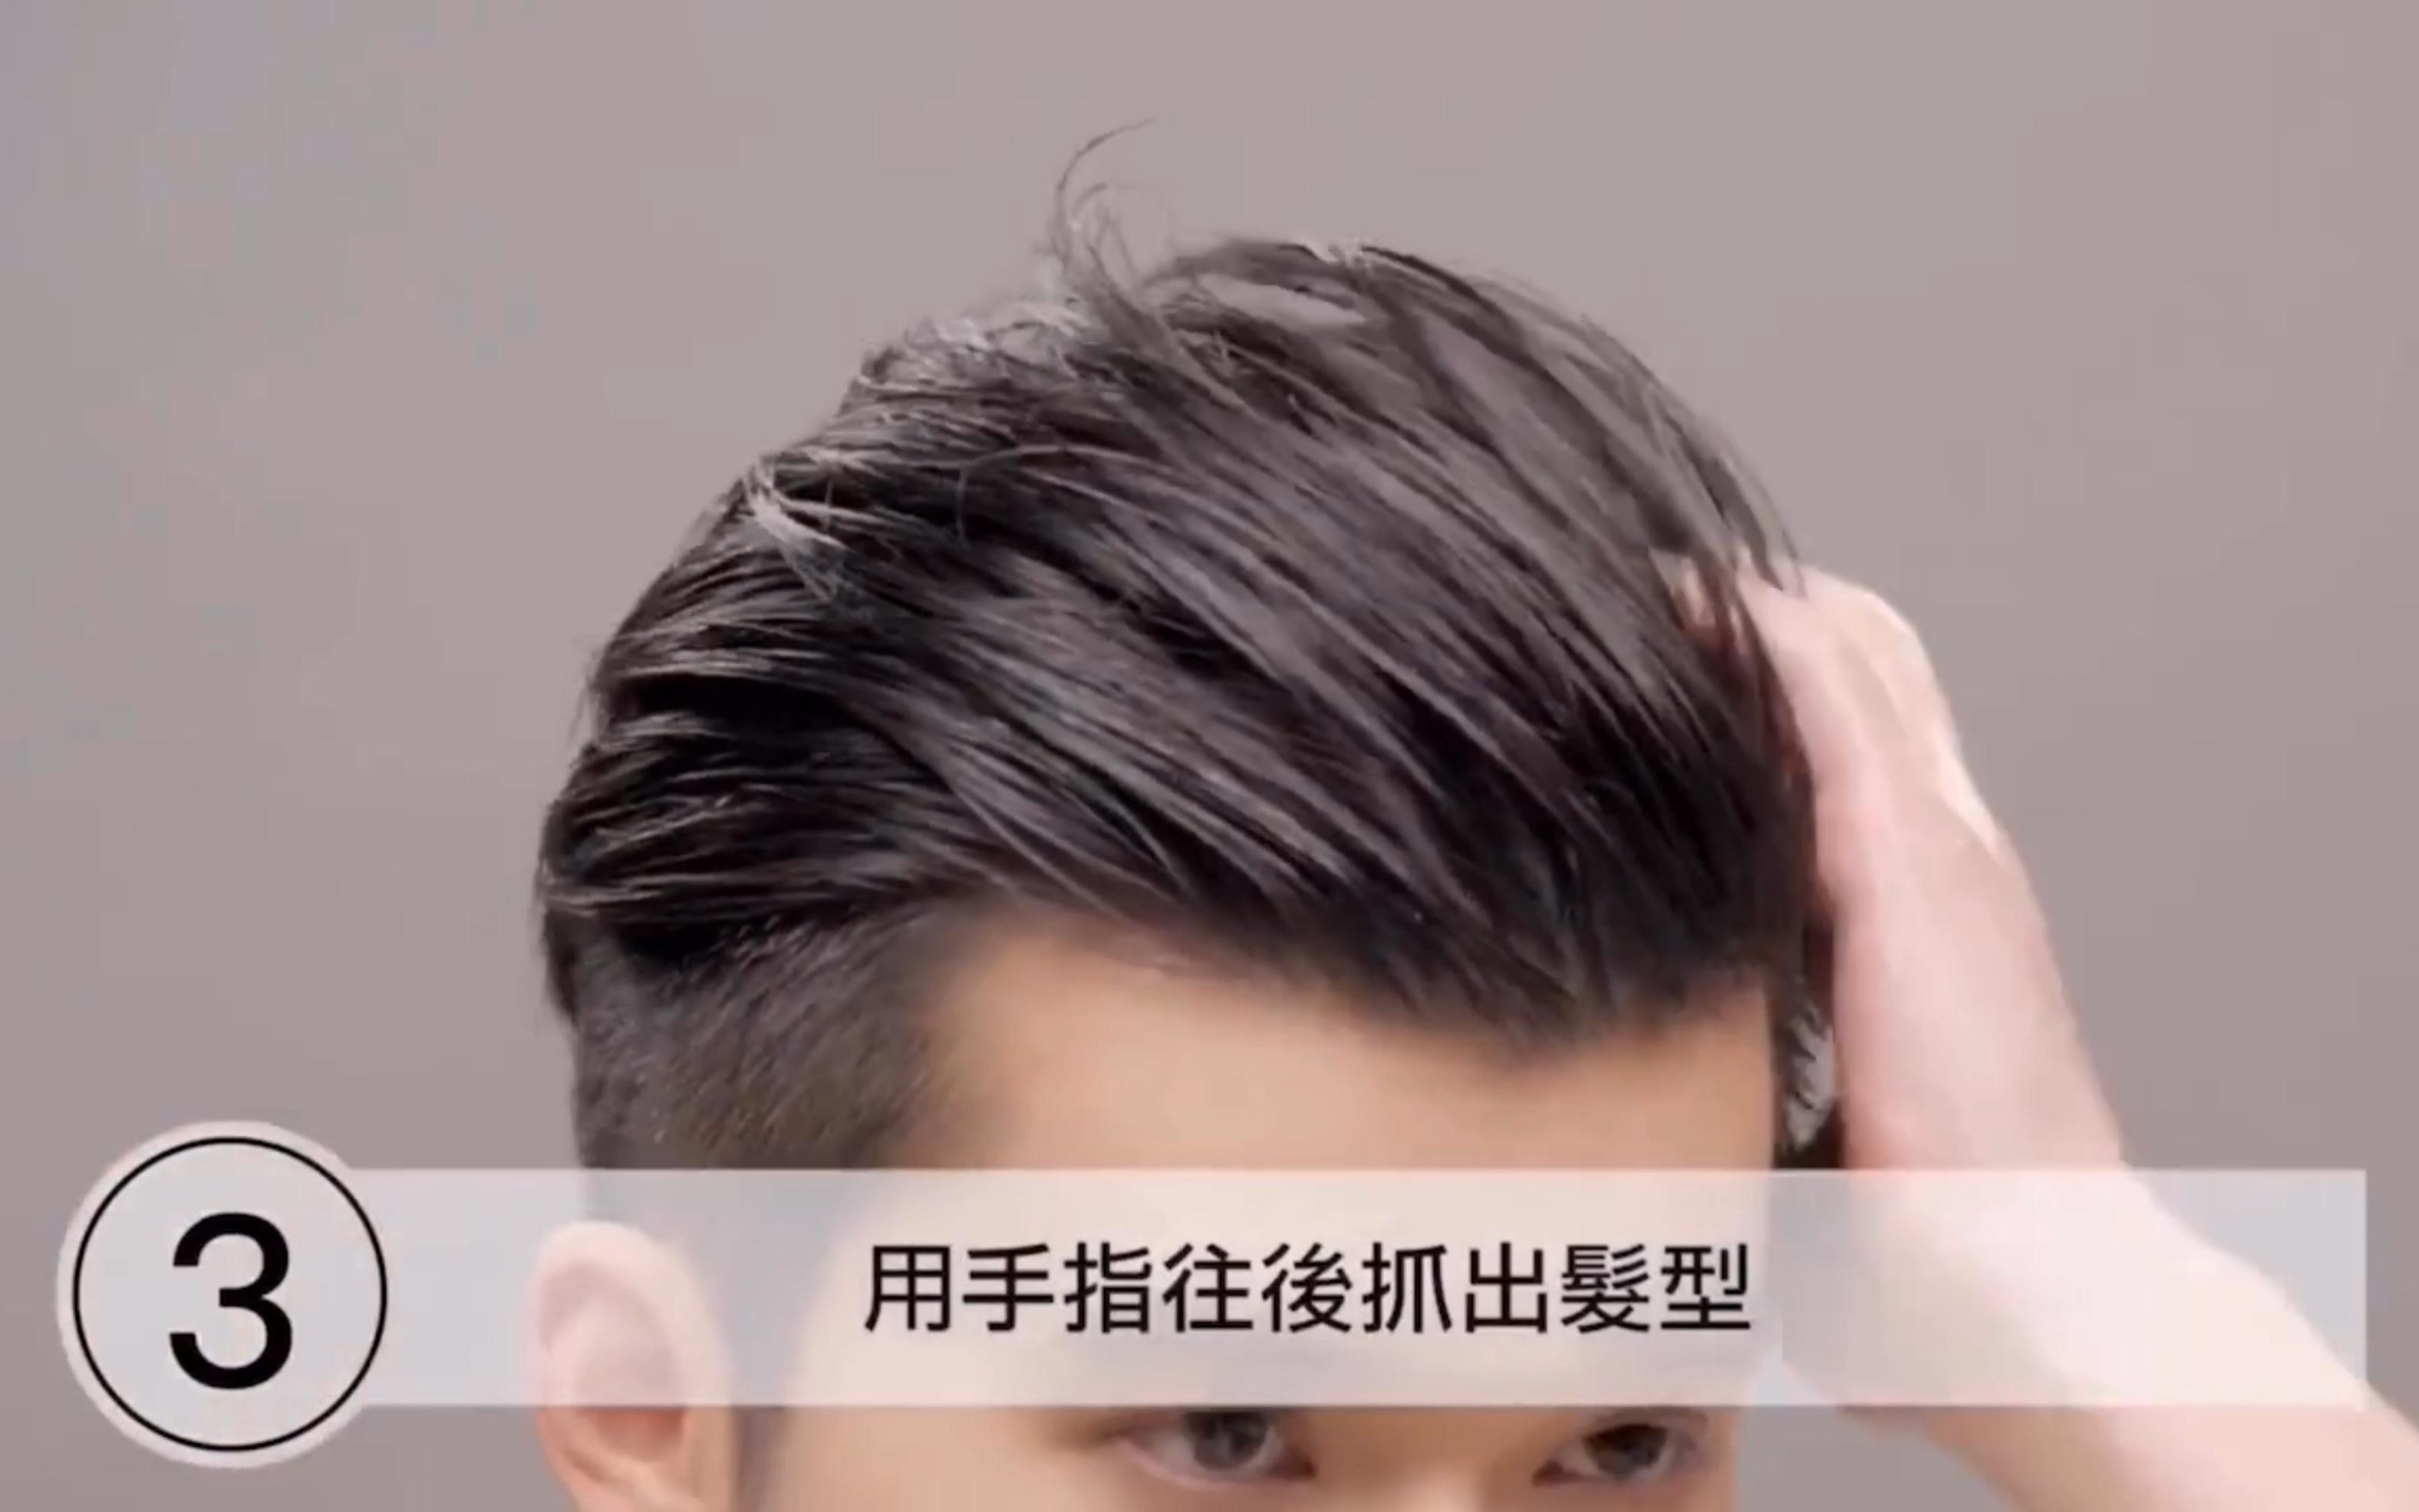 2019男生发型打理教程,8种男士发型参考,阳光,帅气,清爽